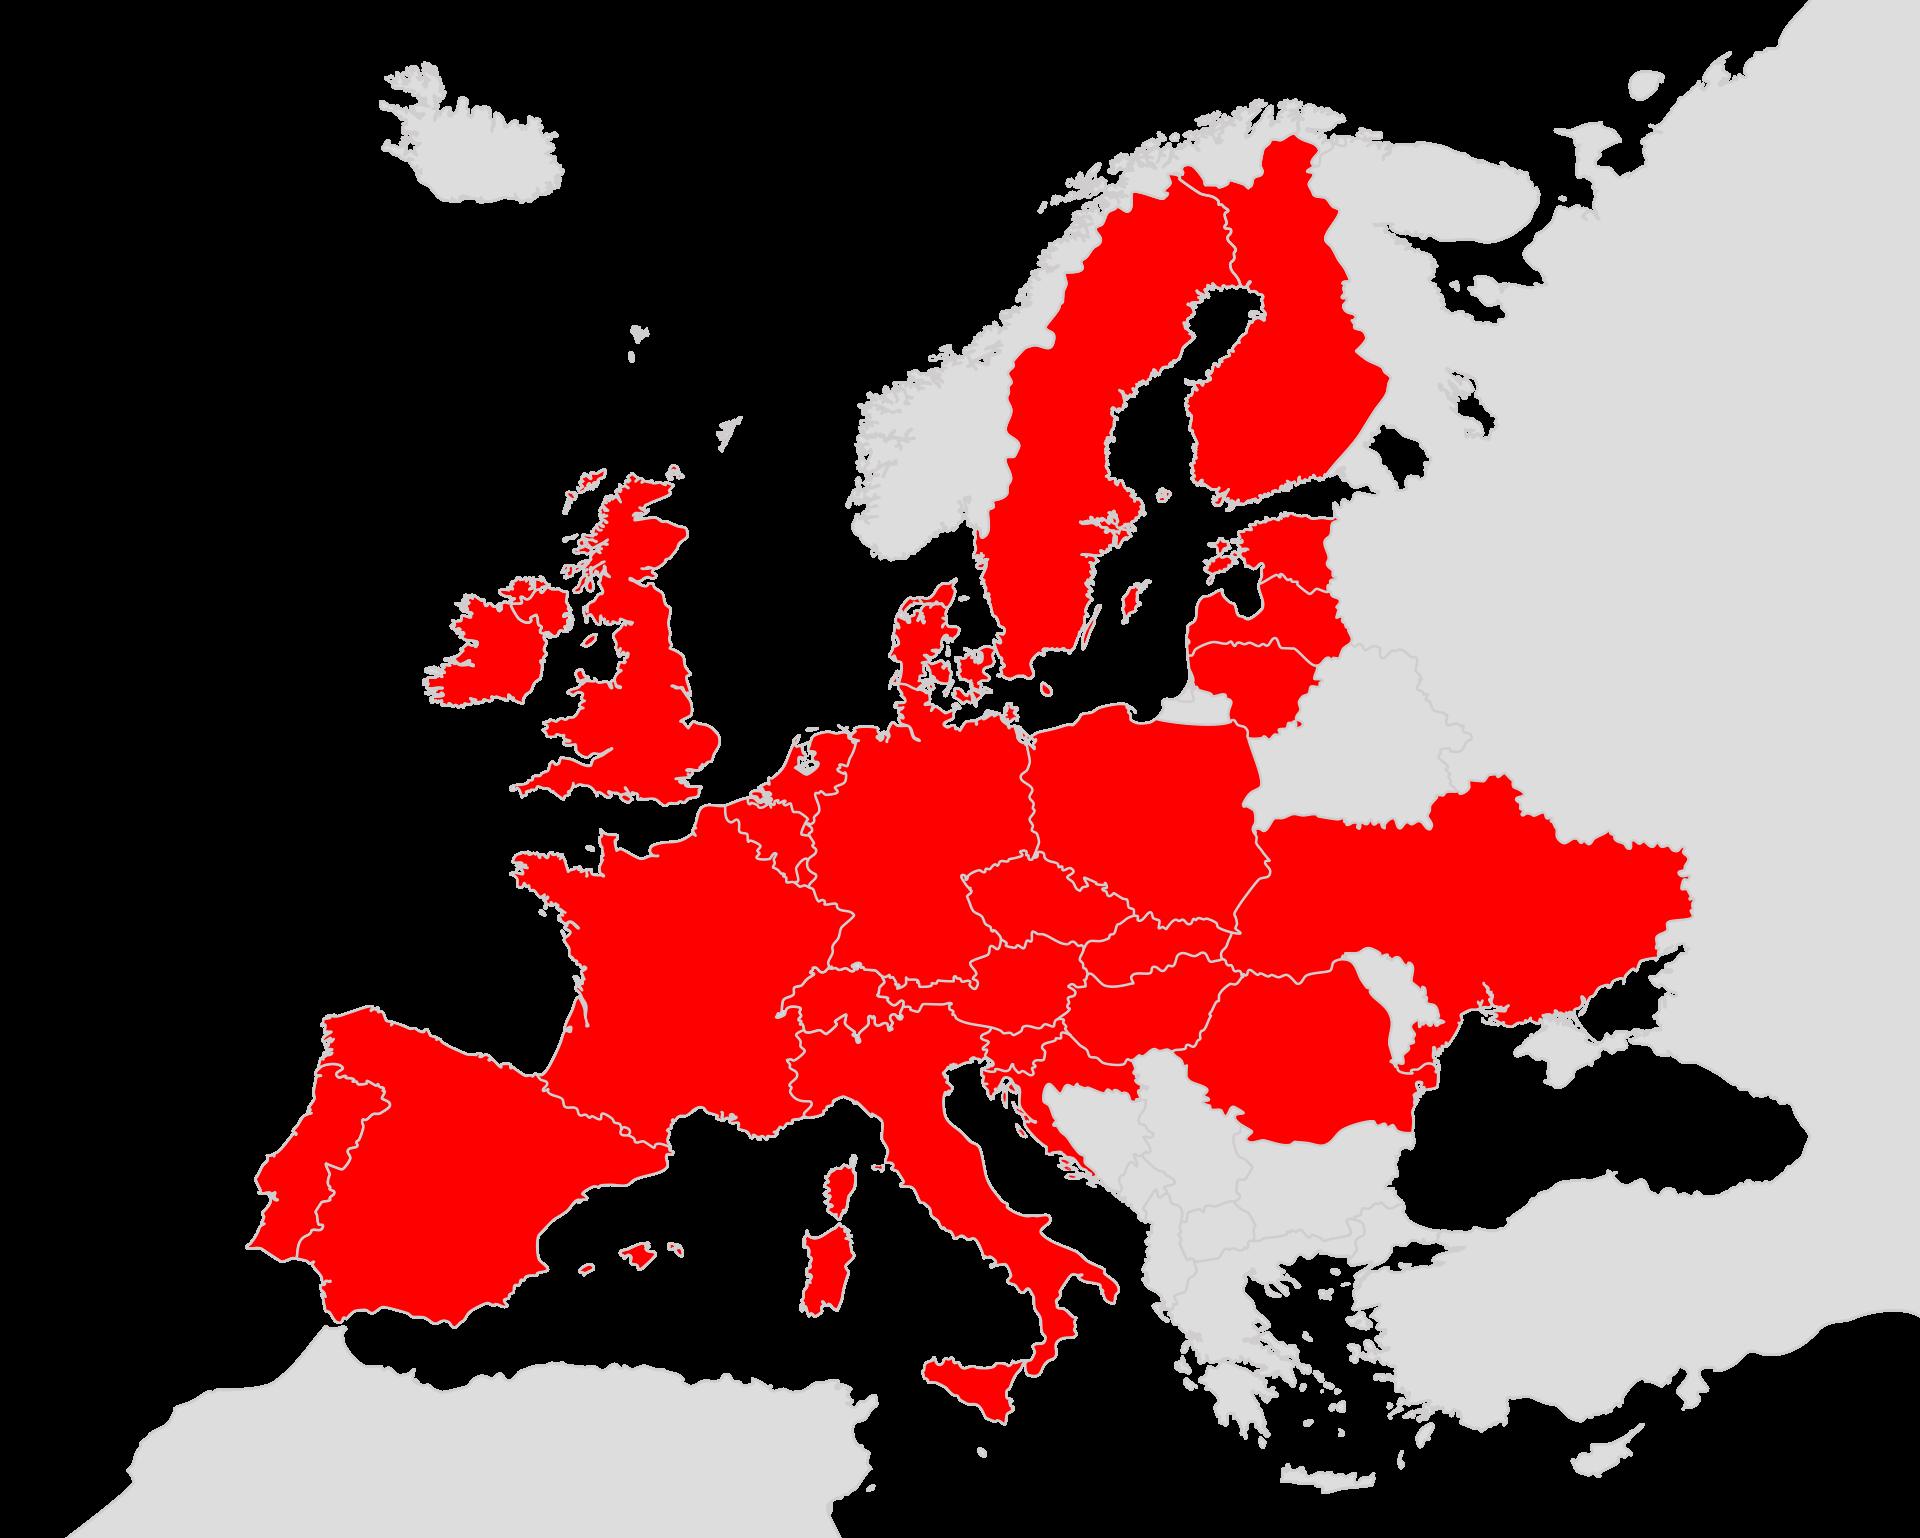 lancuch_dostaw_mapa_red_grey